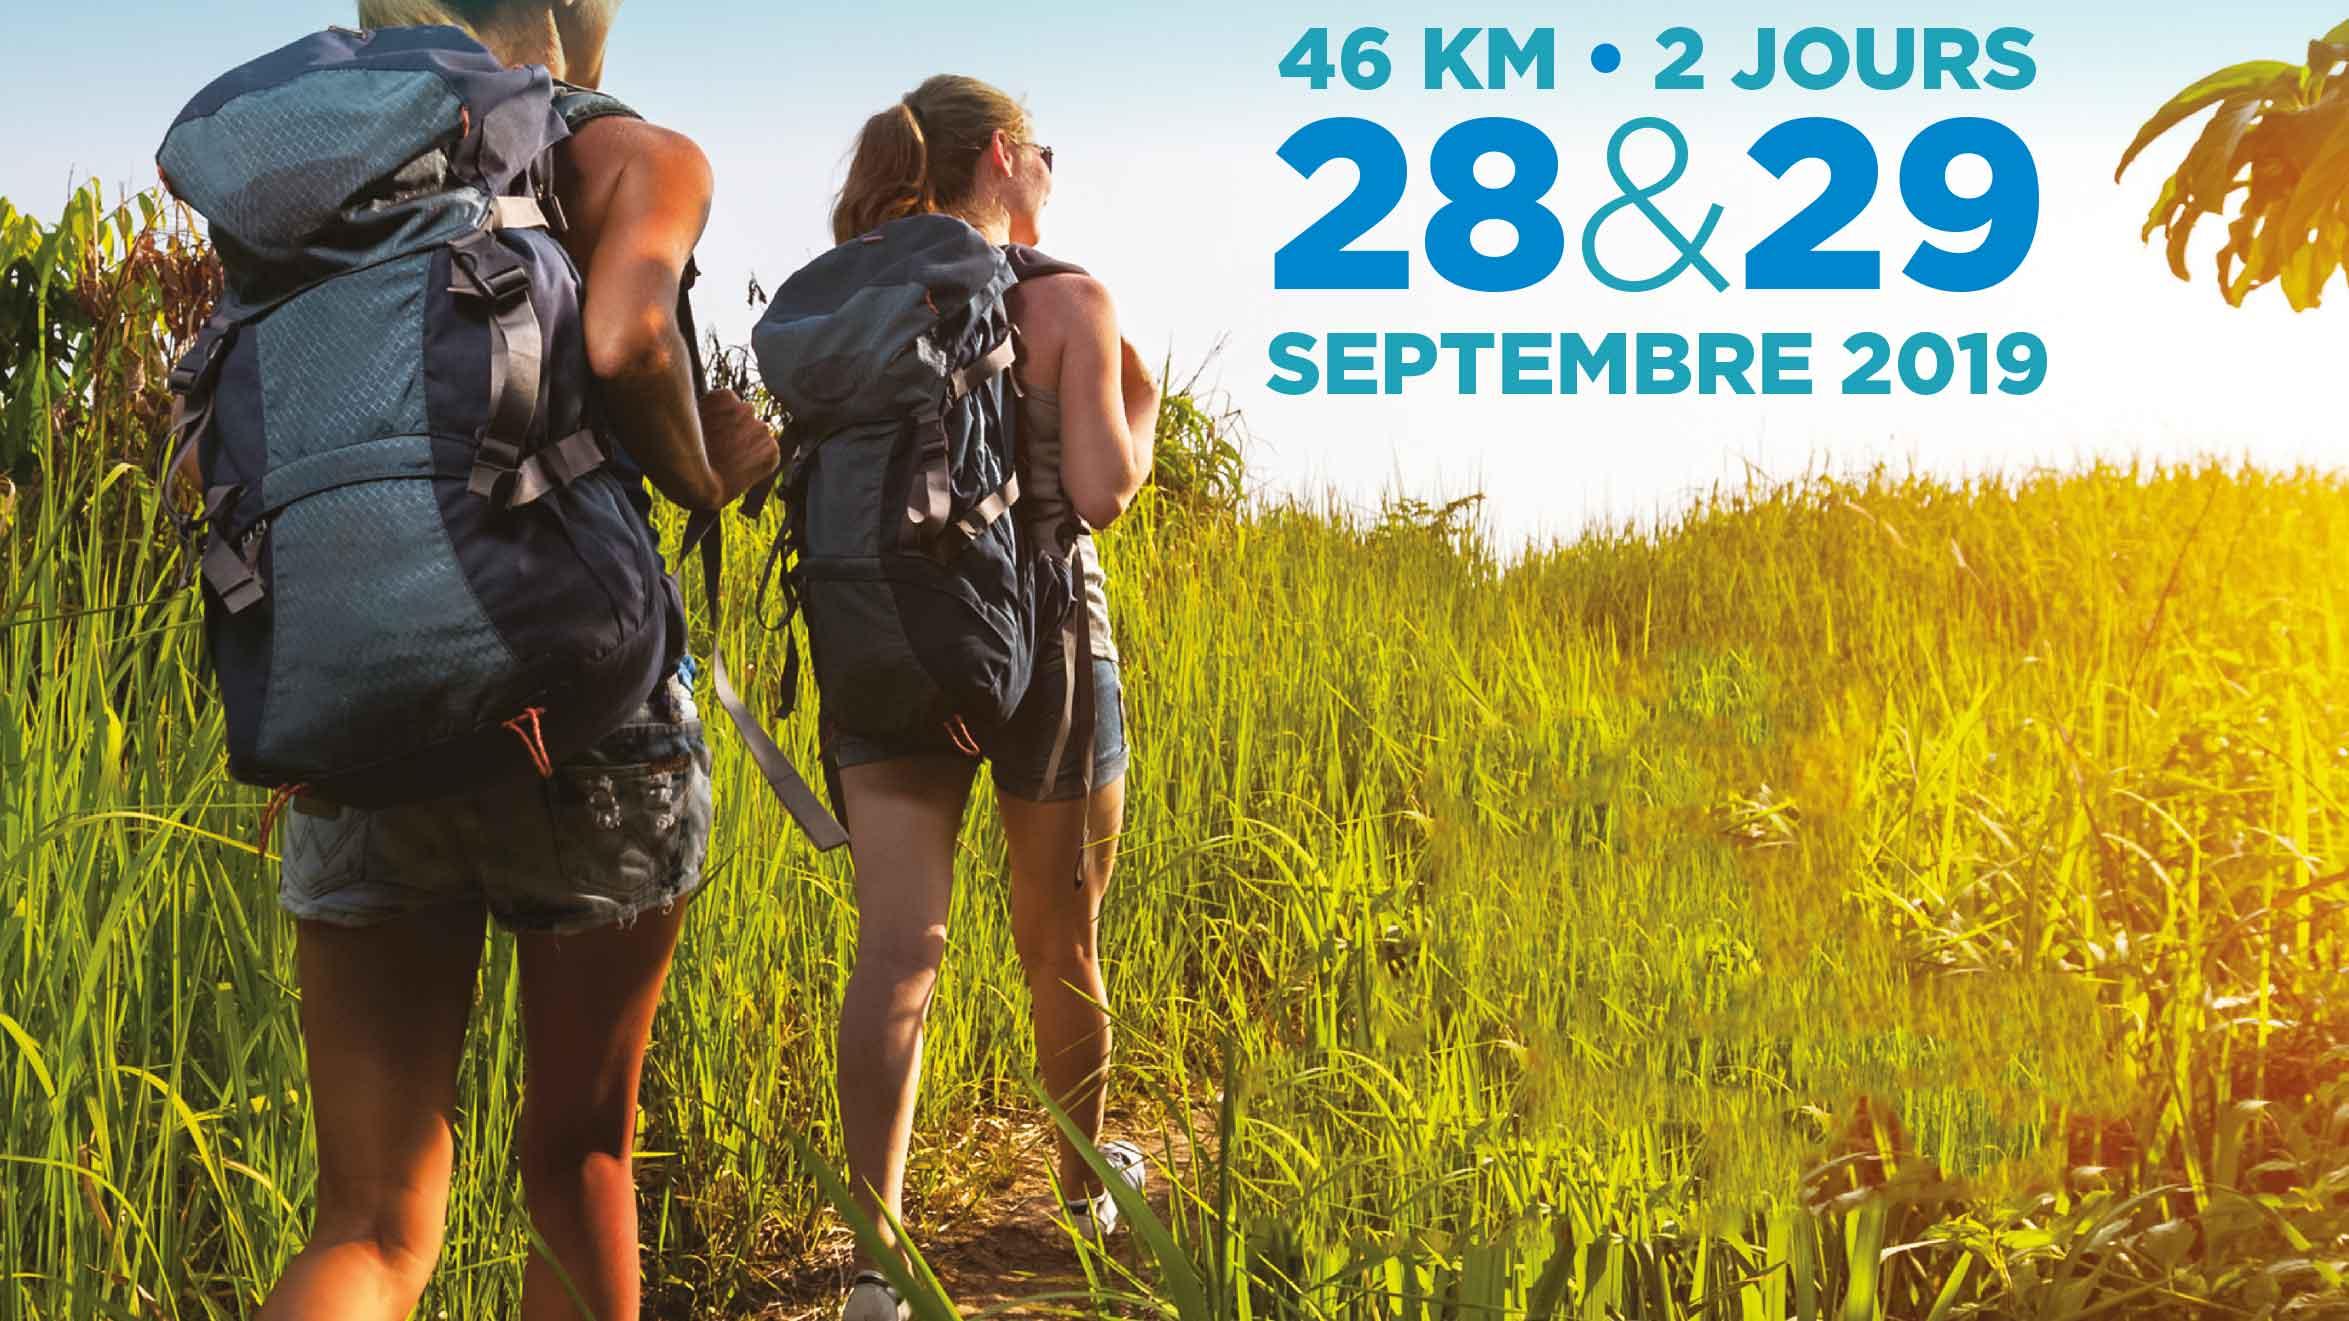 L'Ardenne sur la Rando Saint-Jacques 2019